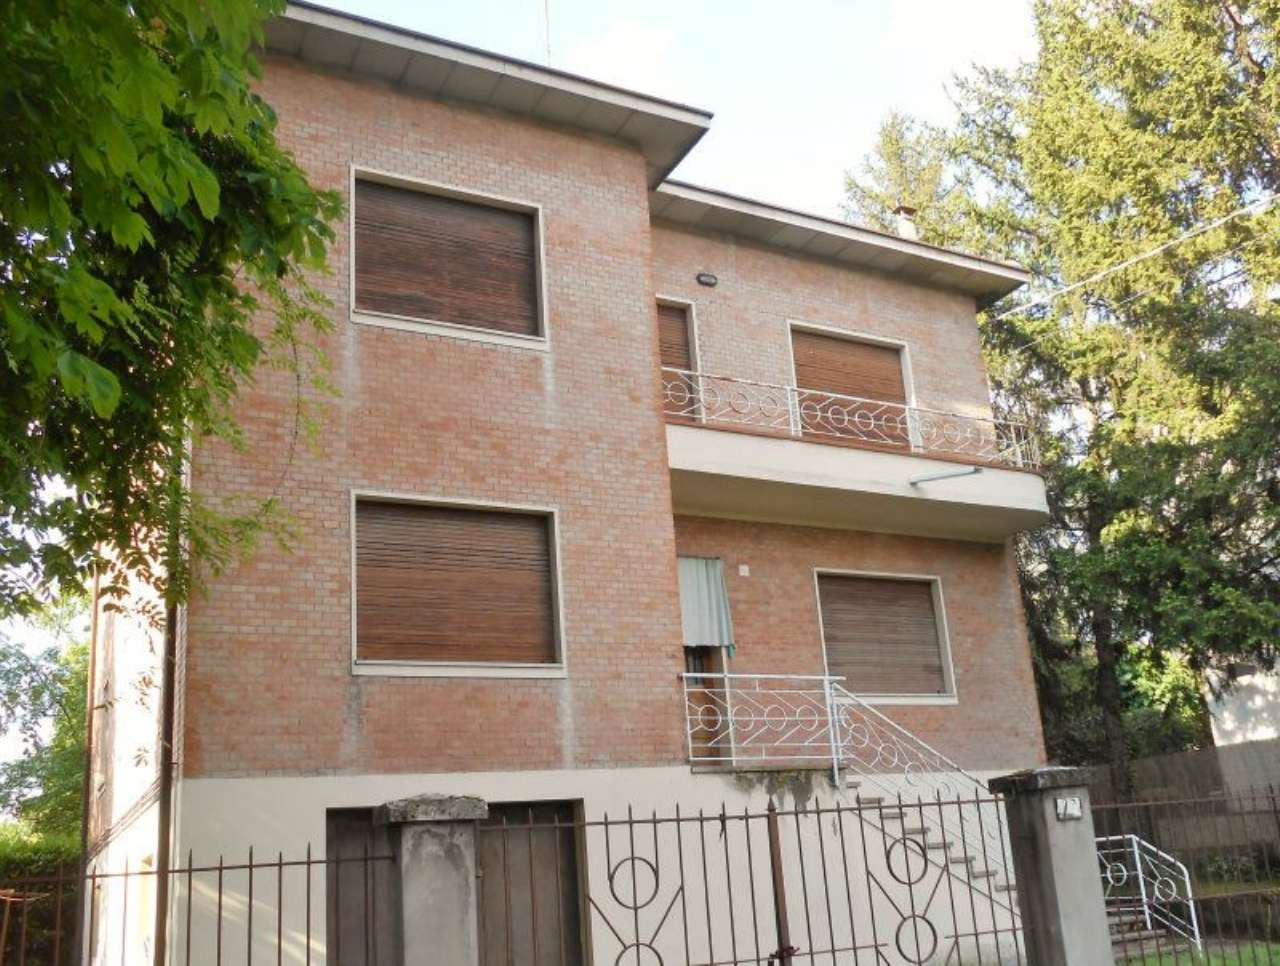 Villa Bifamiliare in vendita a Sassuolo, 15 locali, prezzo € 480.000 | CambioCasa.it